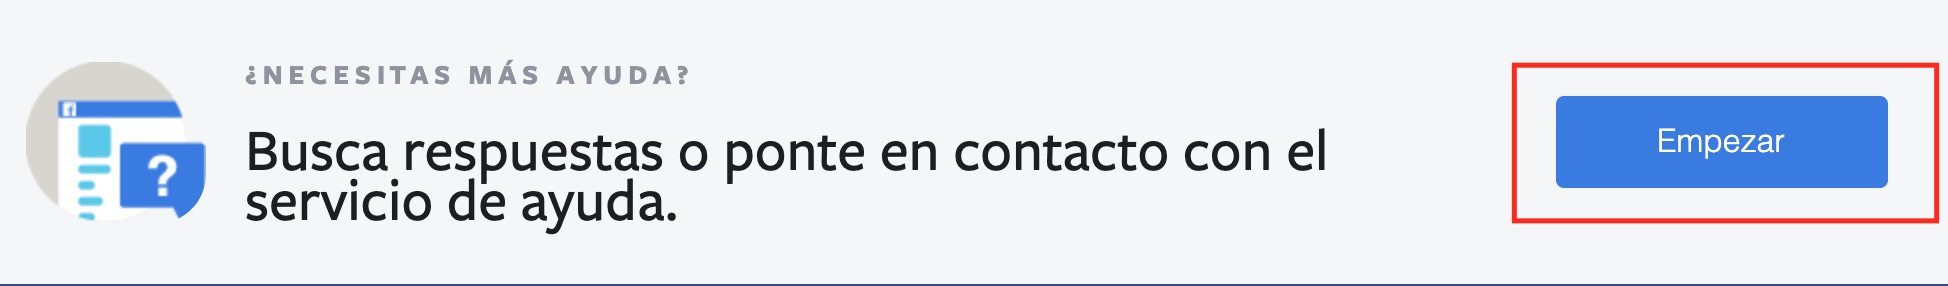 servicio-ayuda-empresas-facebook